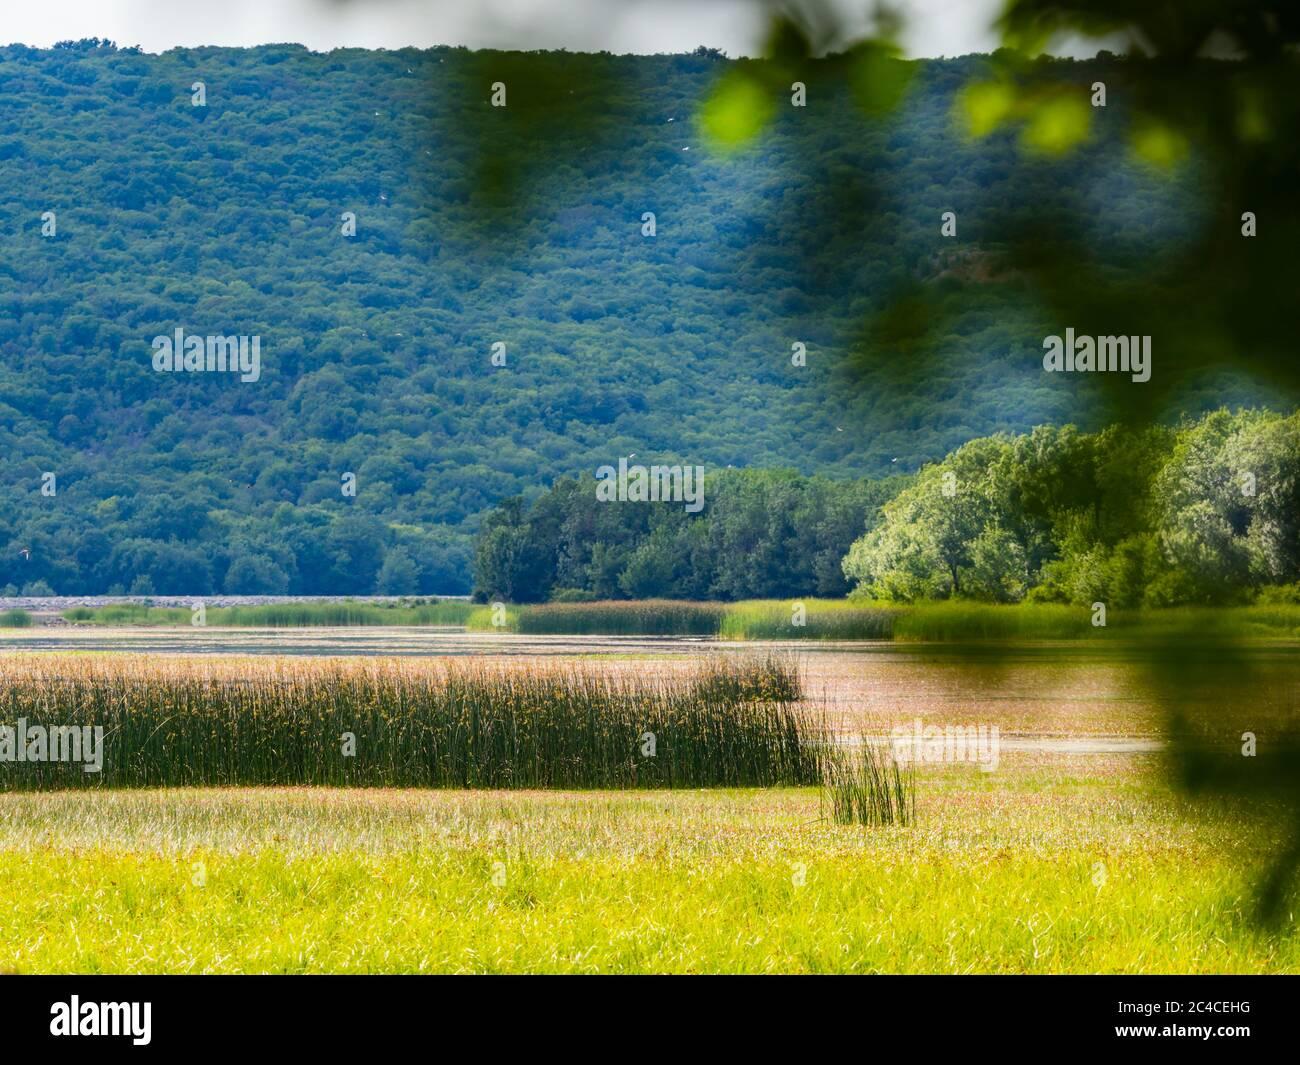 Swampy lake behind tree branch Ponikve island Krk Croatia Europe Stock Photo